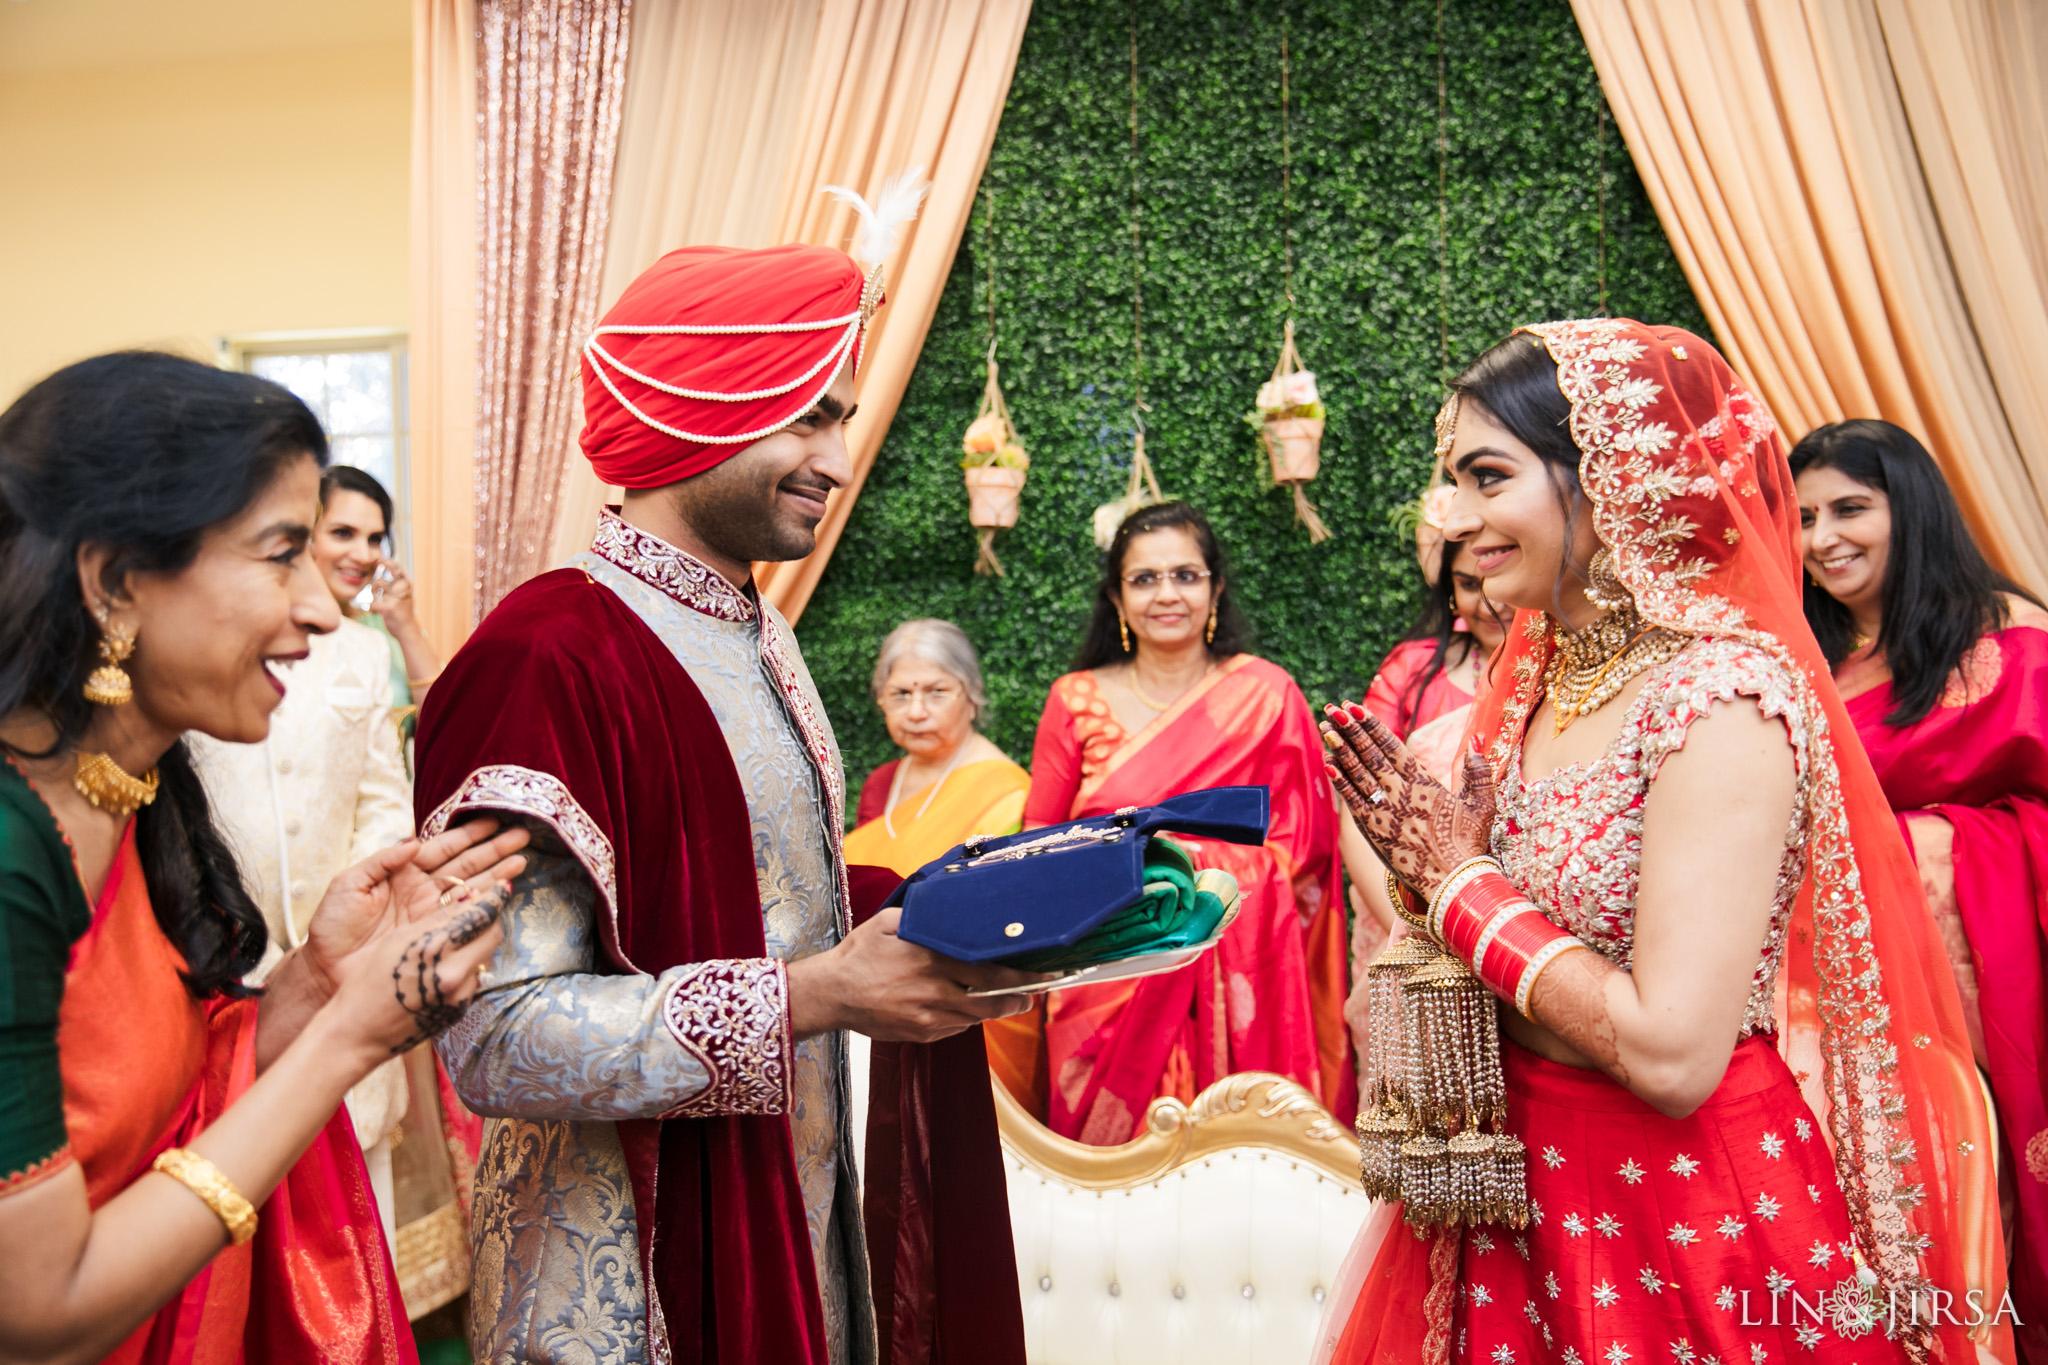 20 Sikh Gurdwara San Jose Punjabi Indian Wedding Photography